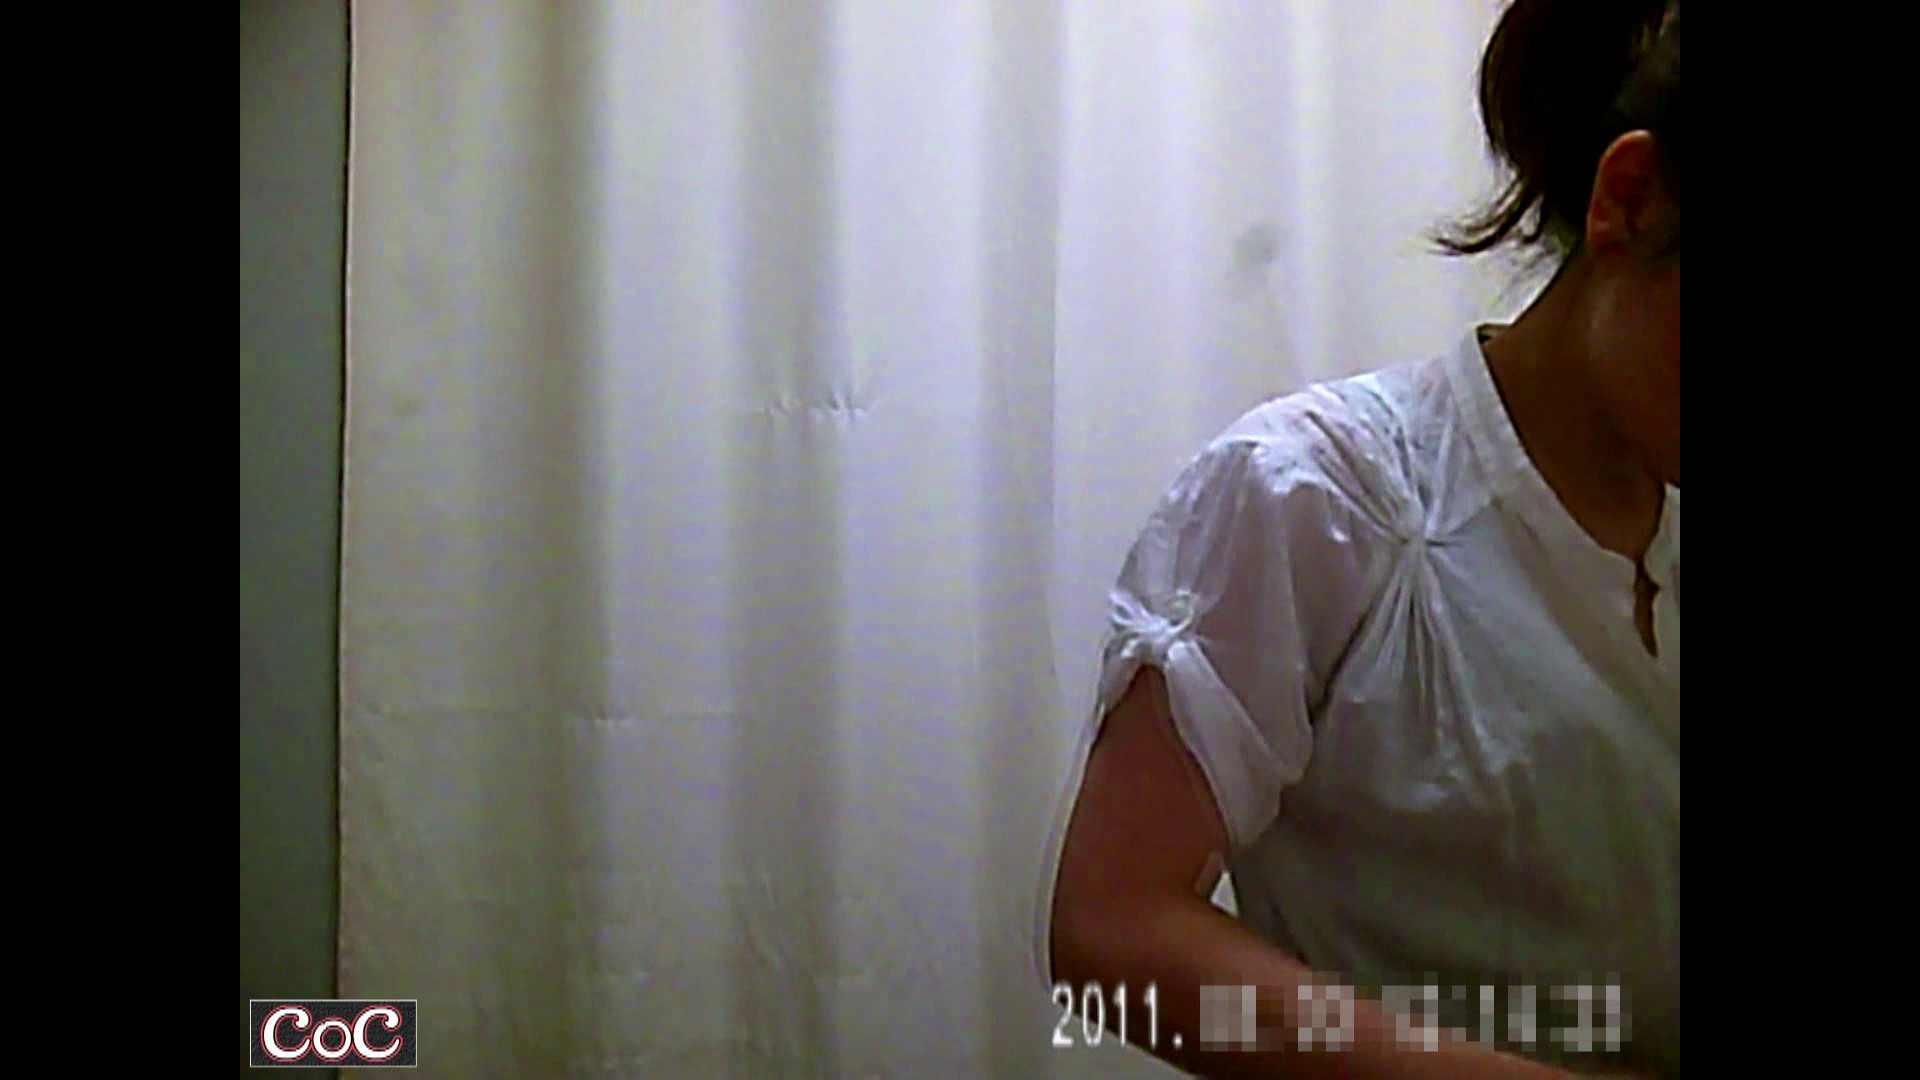 病院おもいっきり着替え! vol.09 乳首 のぞきおめこ無修正画像 89pic 60